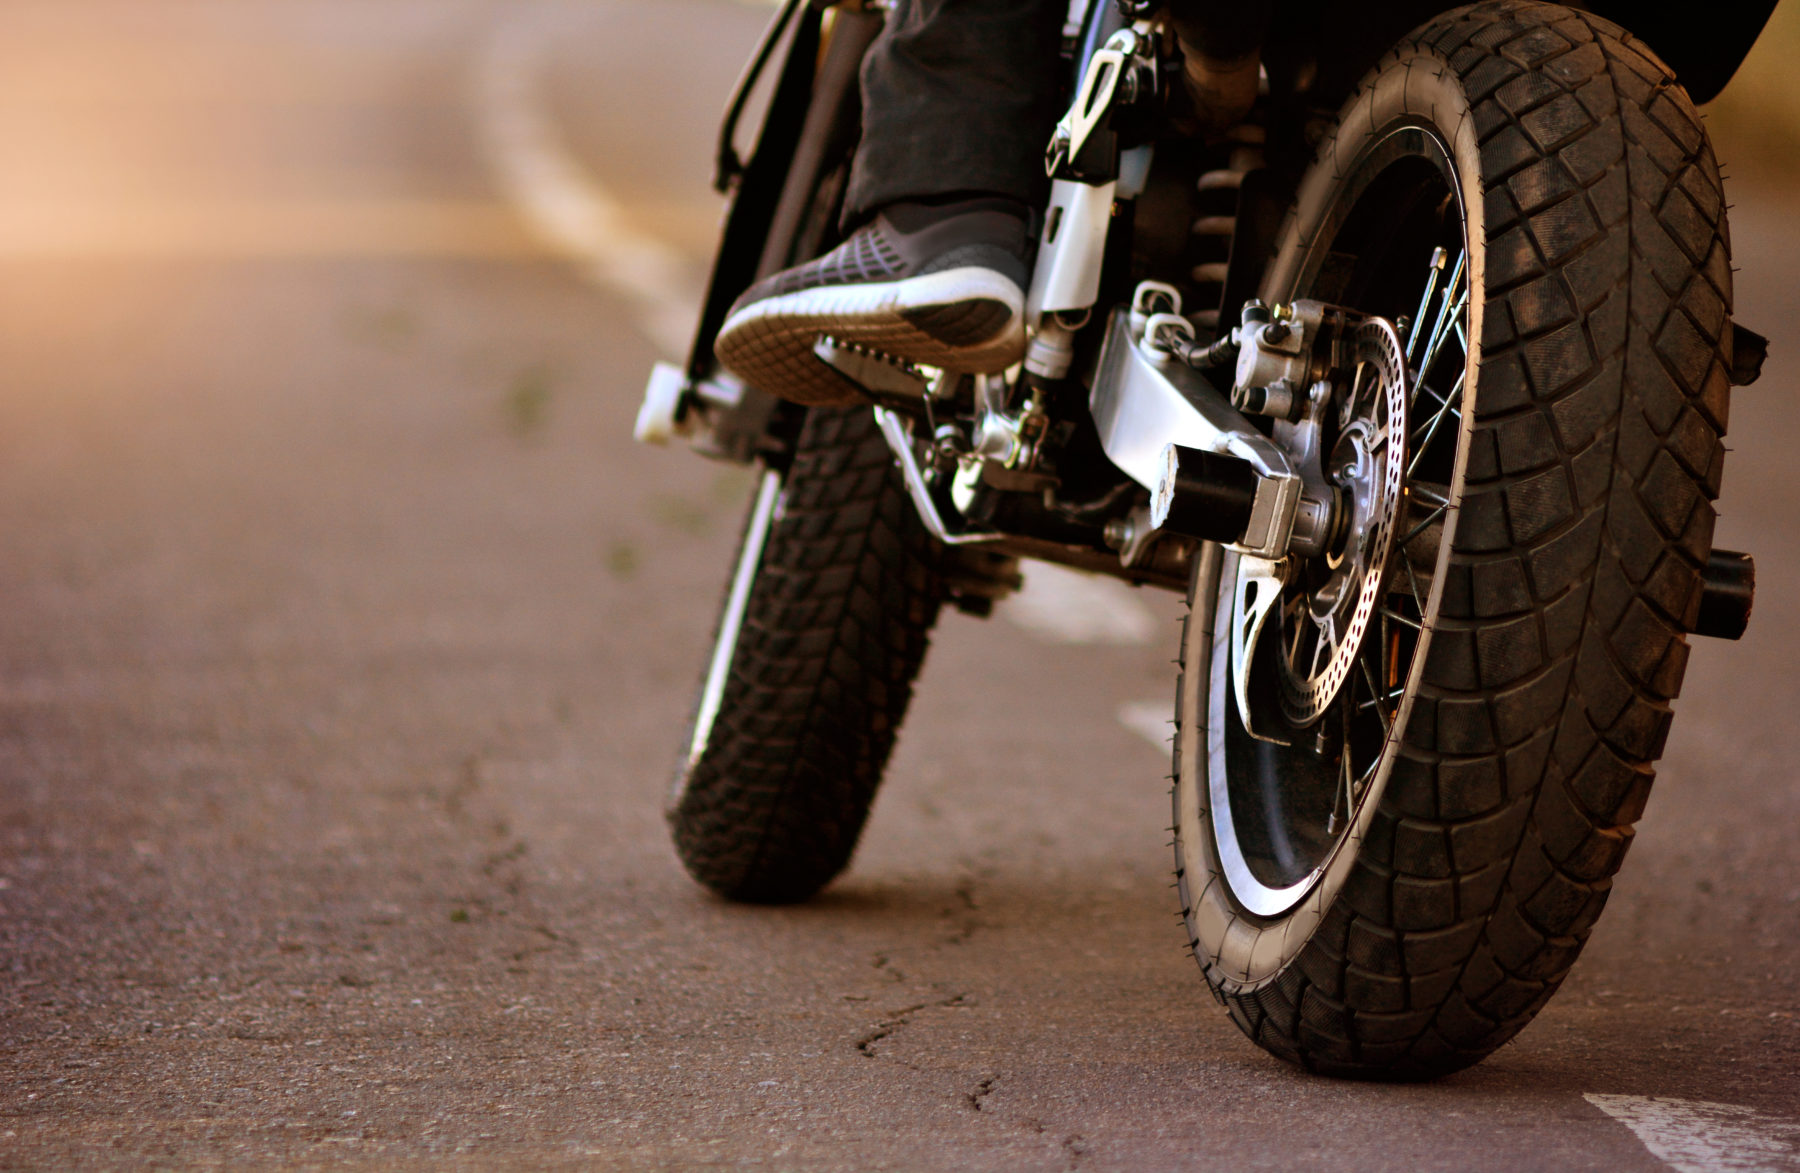 Motocicleta en las carreteras en Antioch, Tennessee